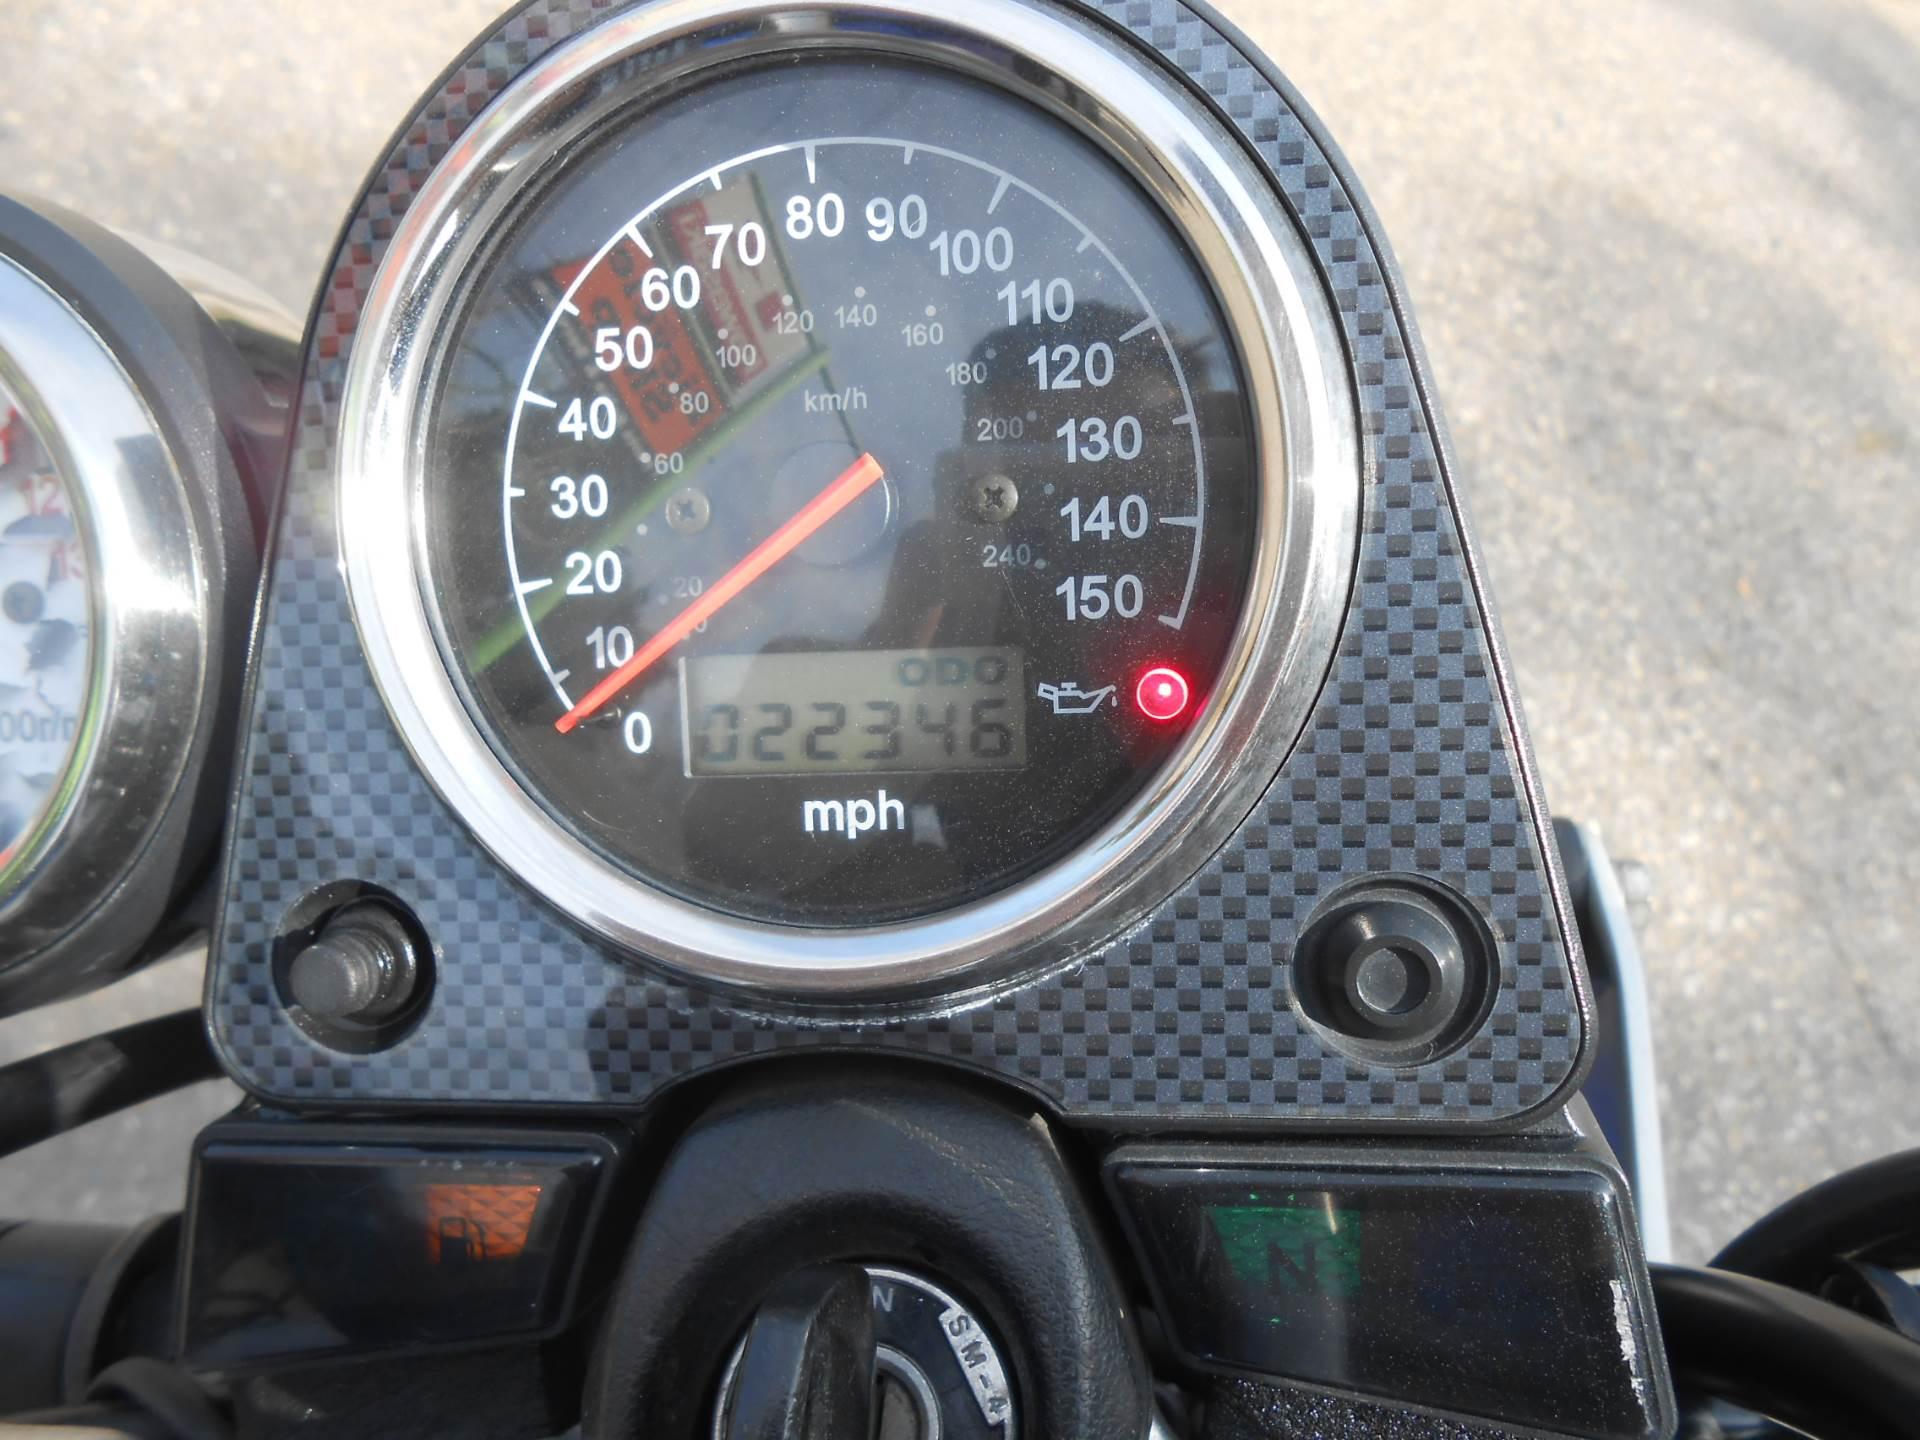 2000 Suzuki SV650 8